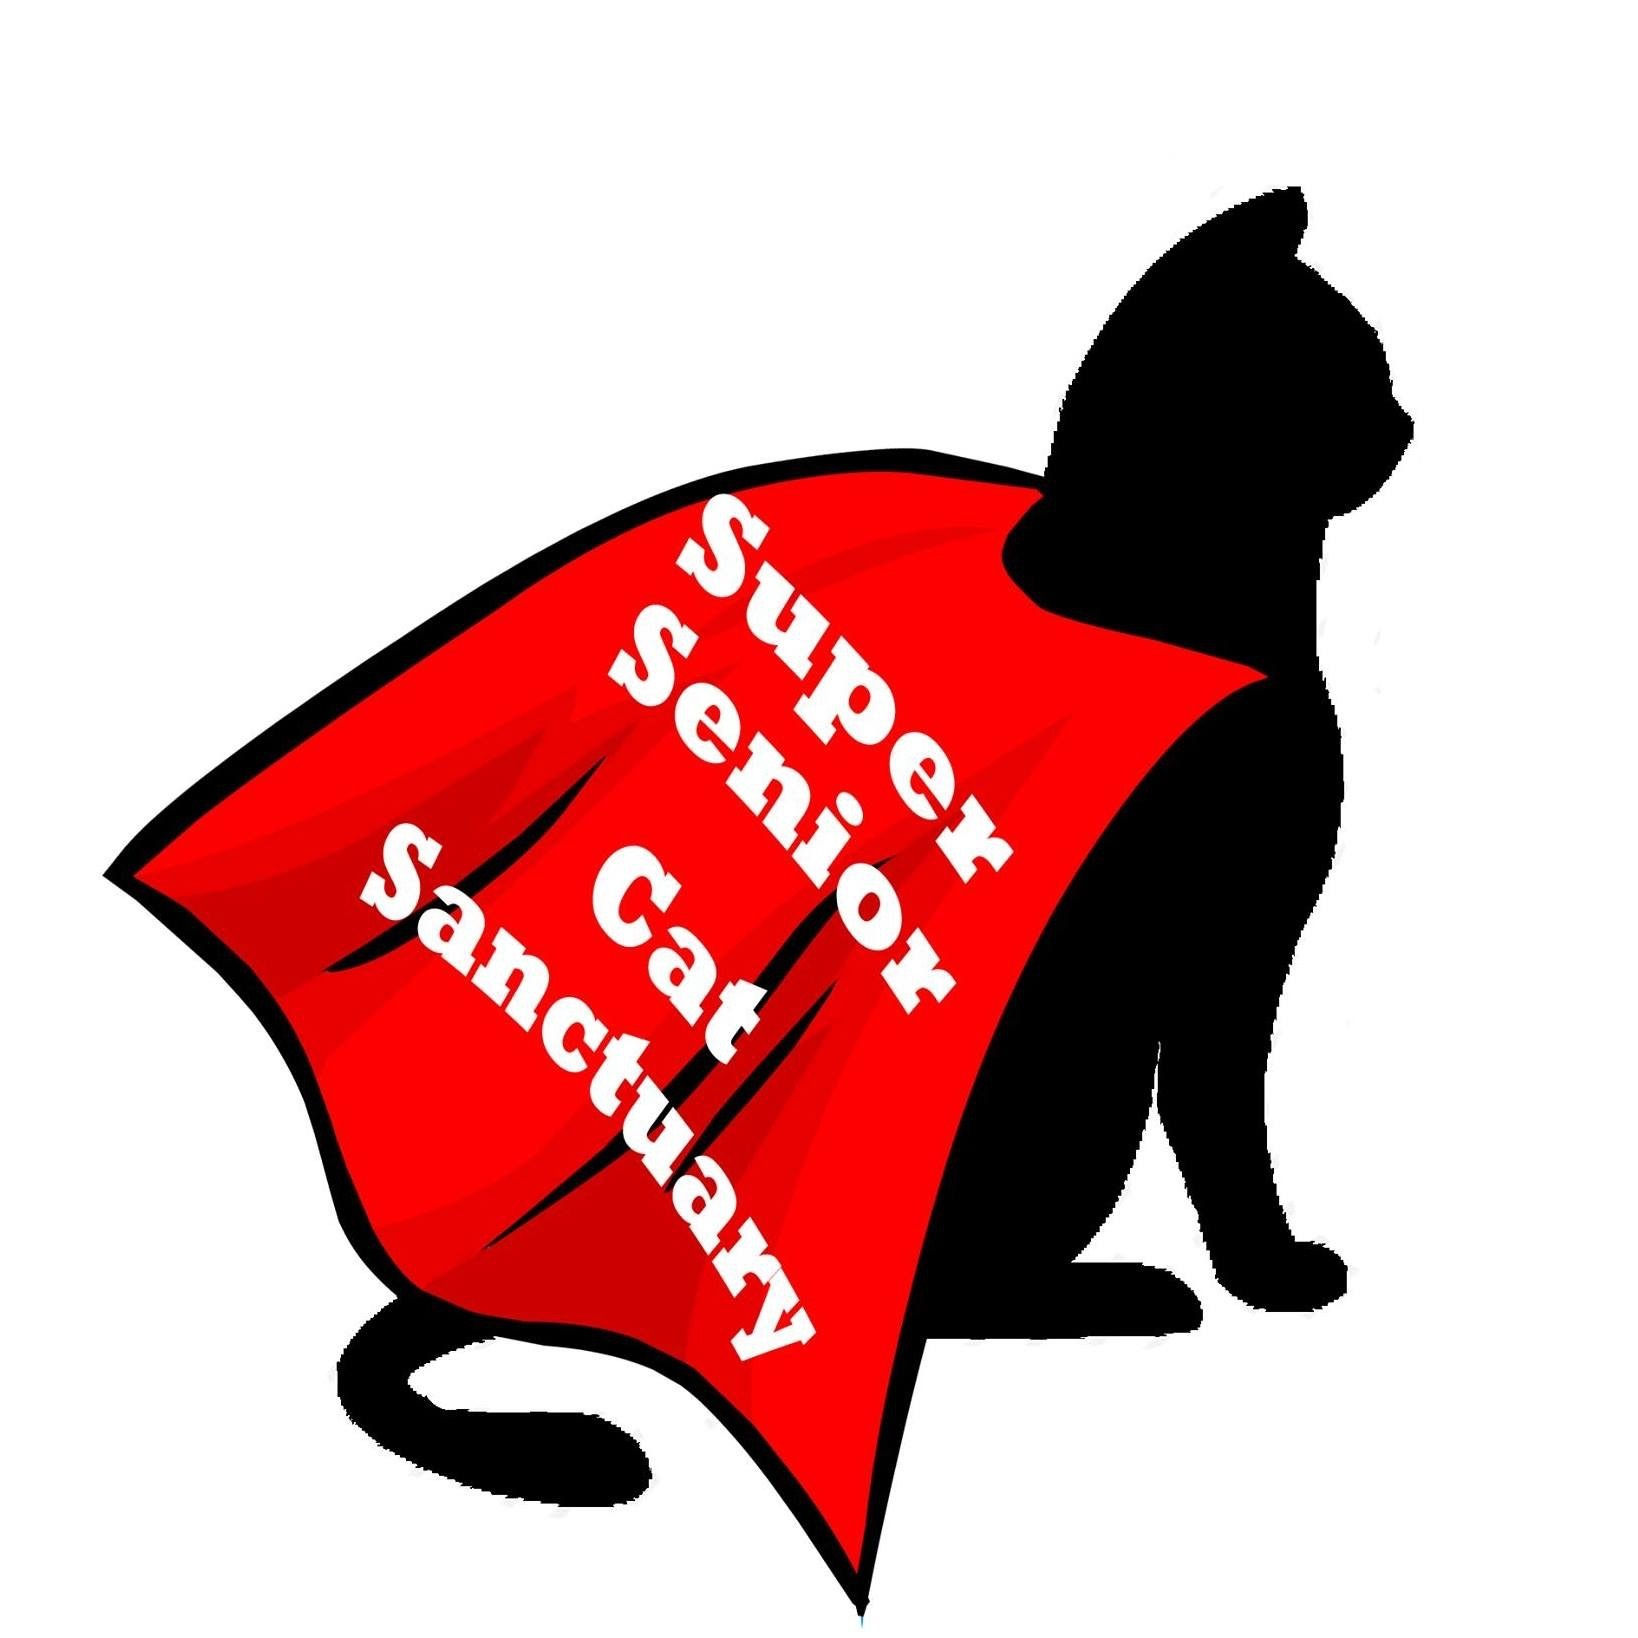 Super Senior Cat Sanctuary